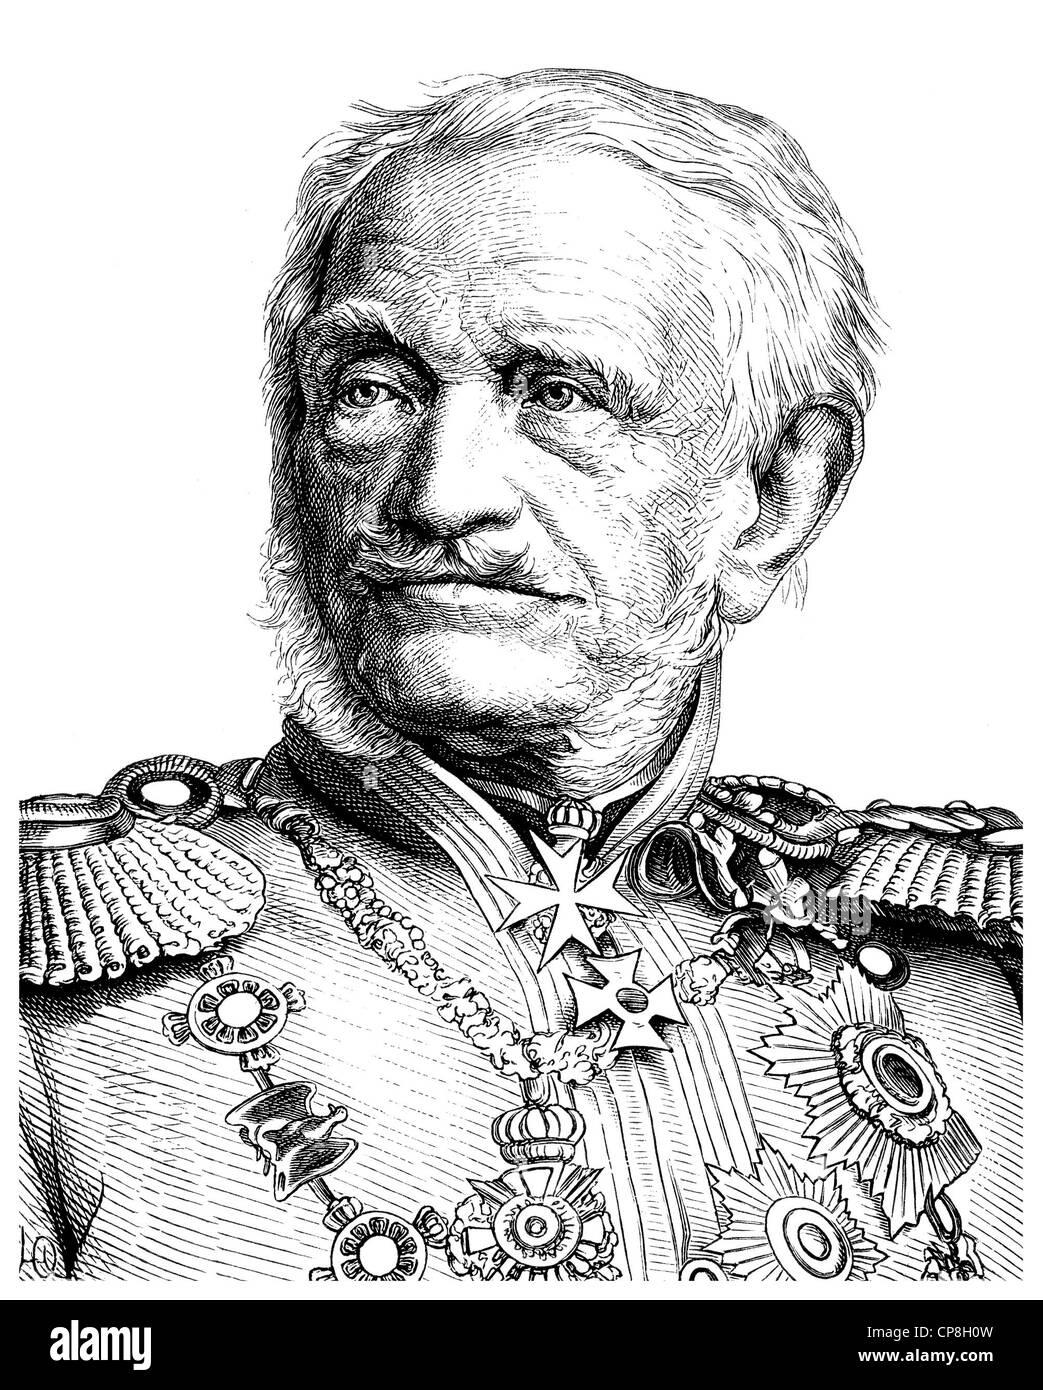 Friedrich Heinrich Ernst Graf von Wrangel, 1784 - 1877, a Prussian Field Marshal, Historische Zeichnung aus dem - Stock Image